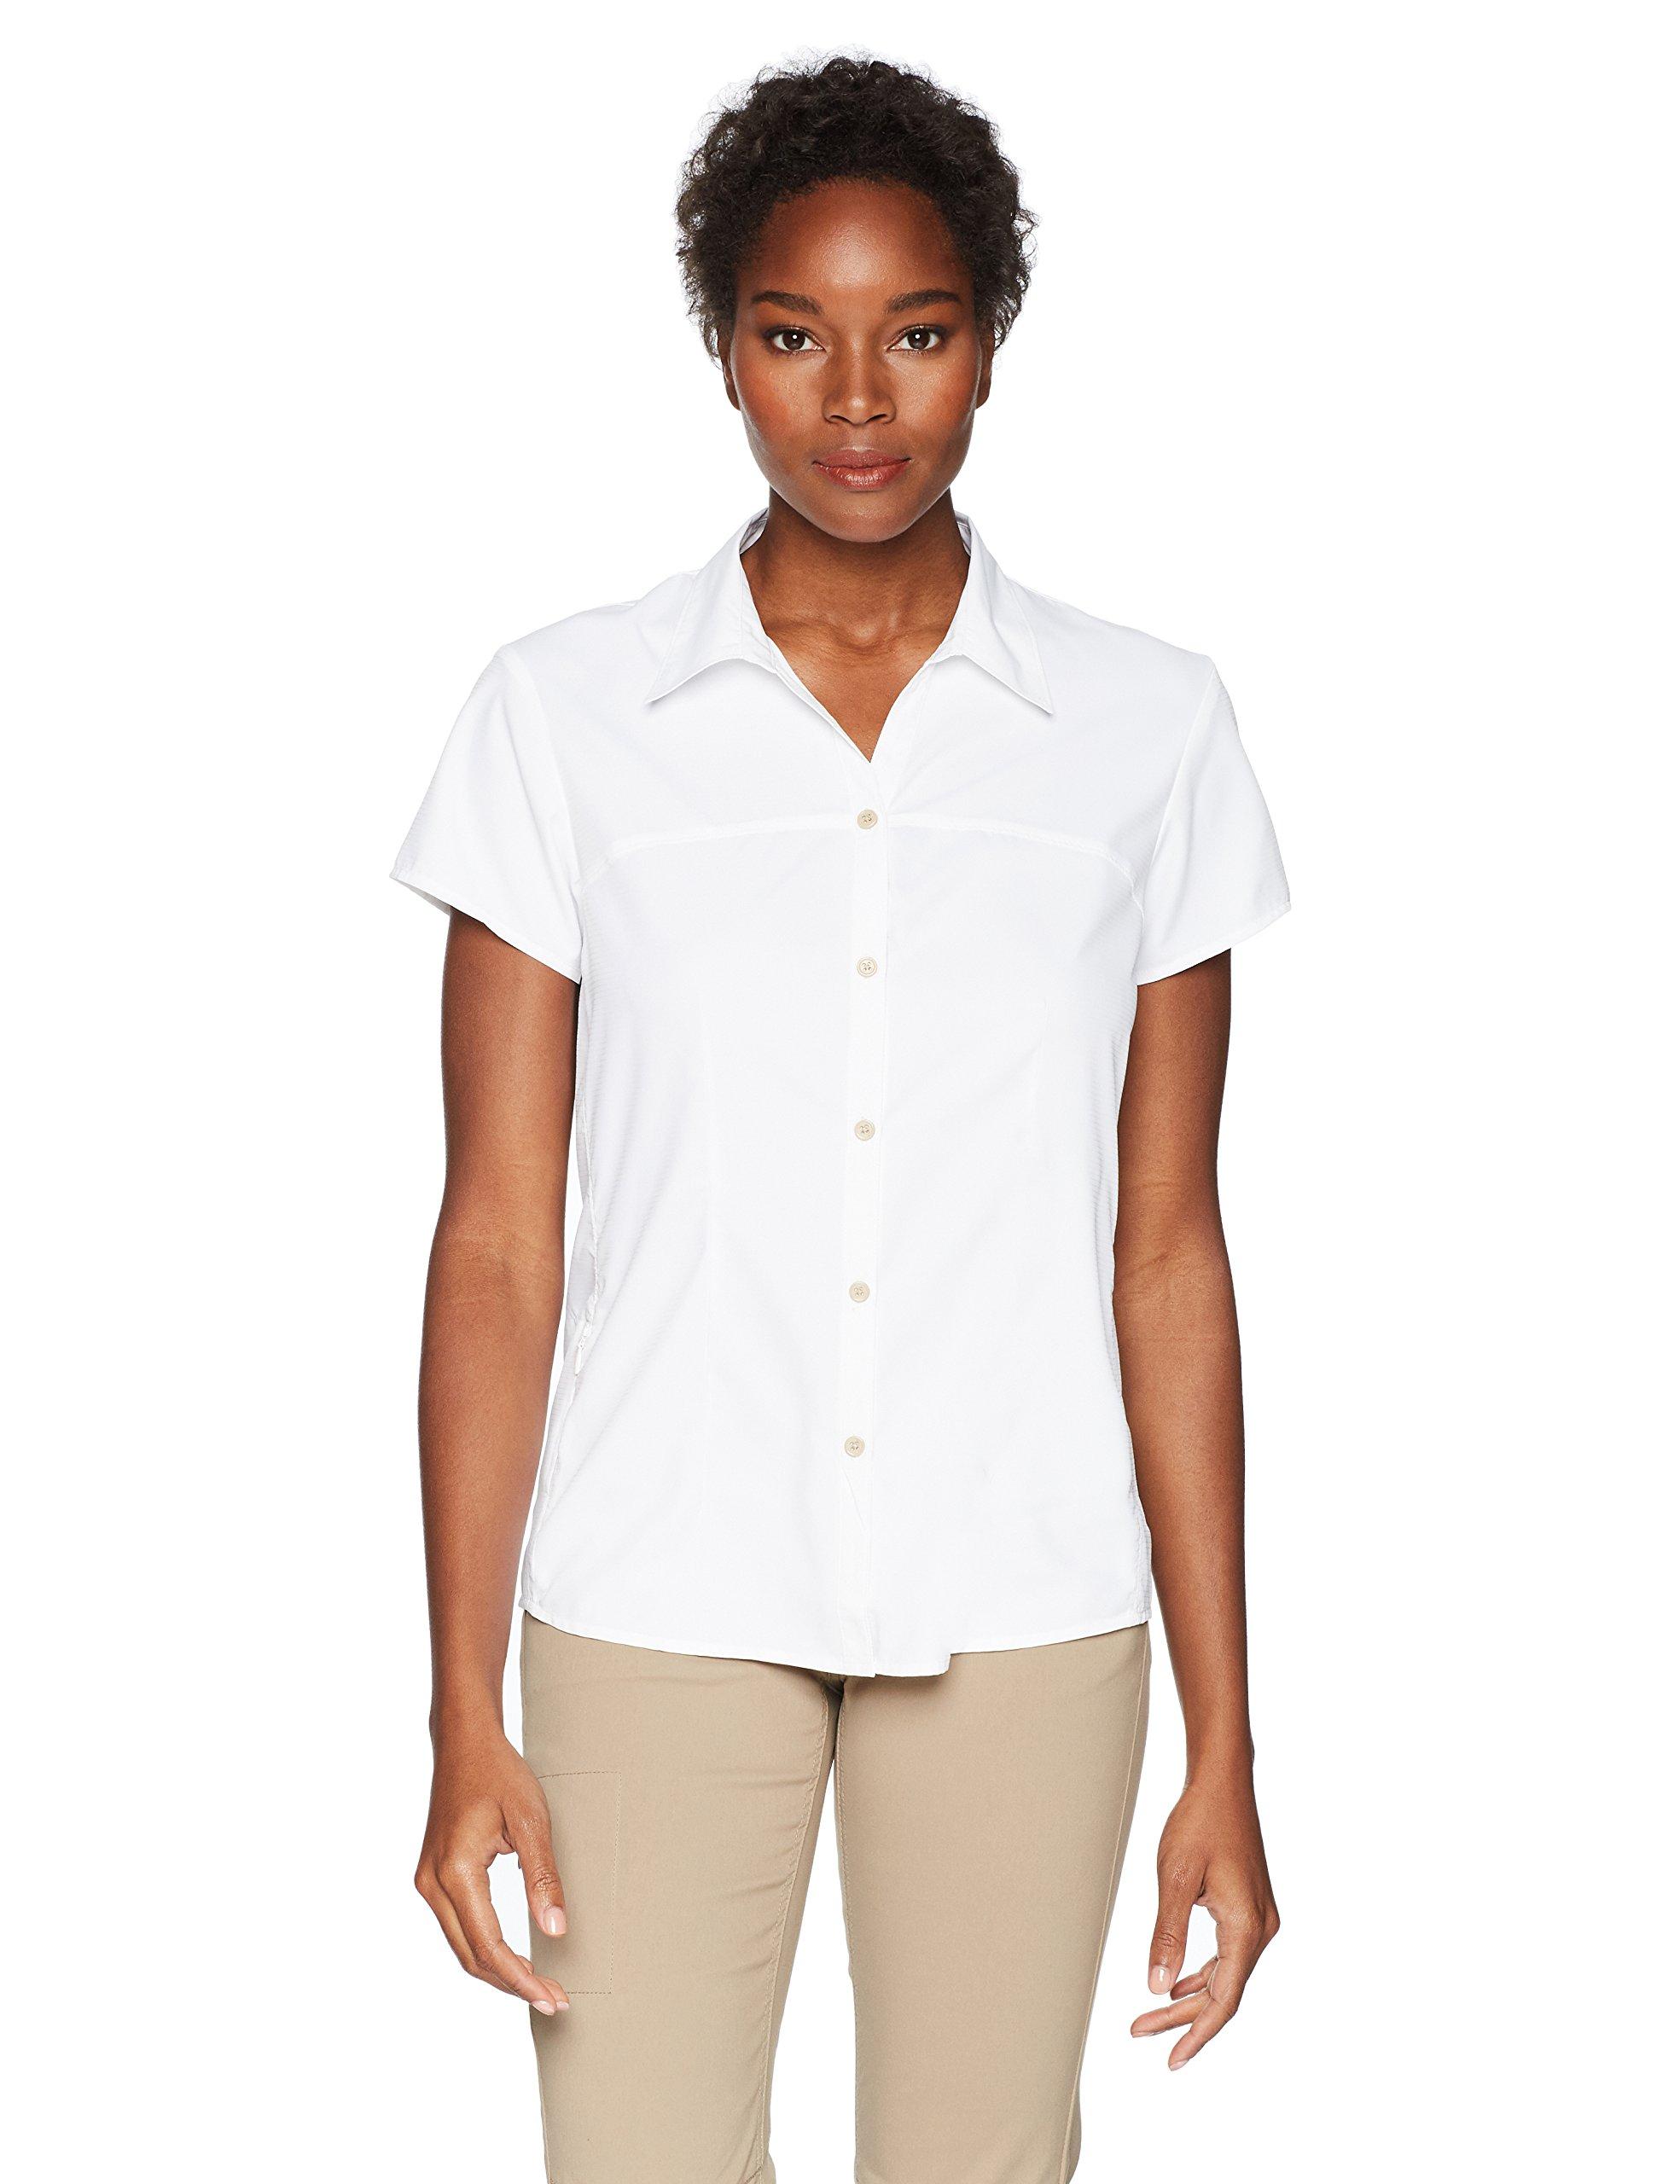 White Sierra Women's Gobi Desert Short Sleeve Shirt, White, Large